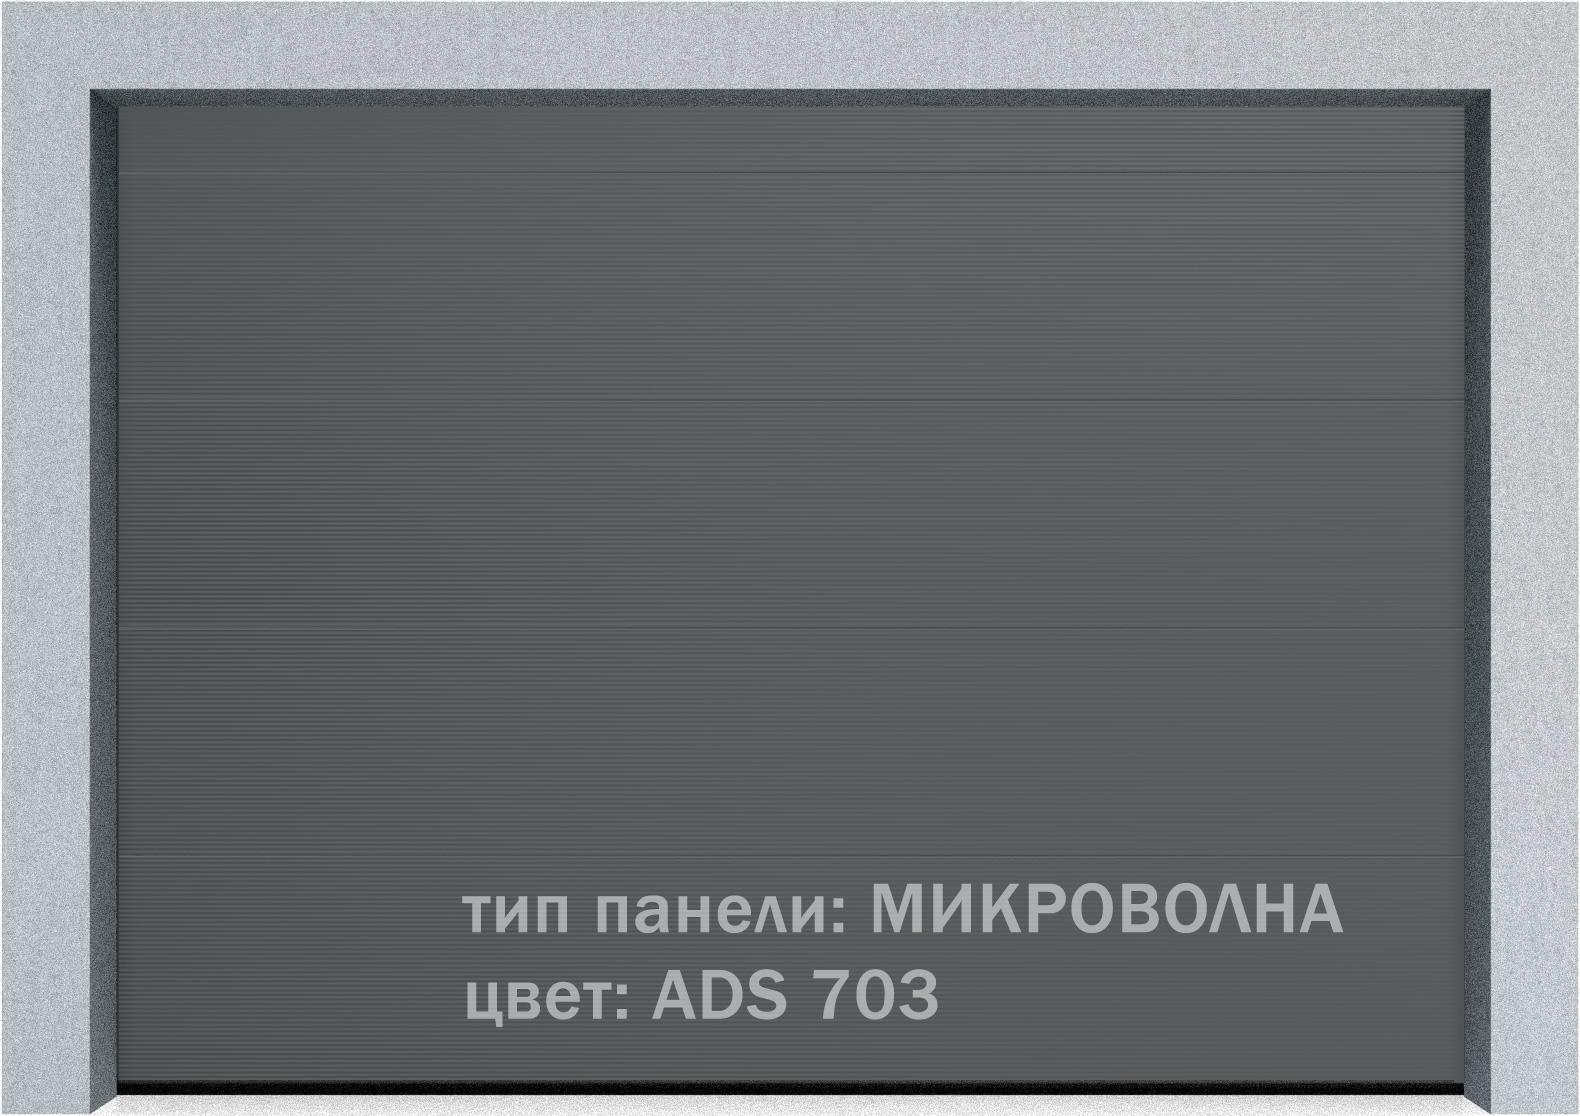 Секционные промышленные ворота Alutech ProTrend 2375х2375 S-гофр, Микроволна стандартные цвета, фото 20